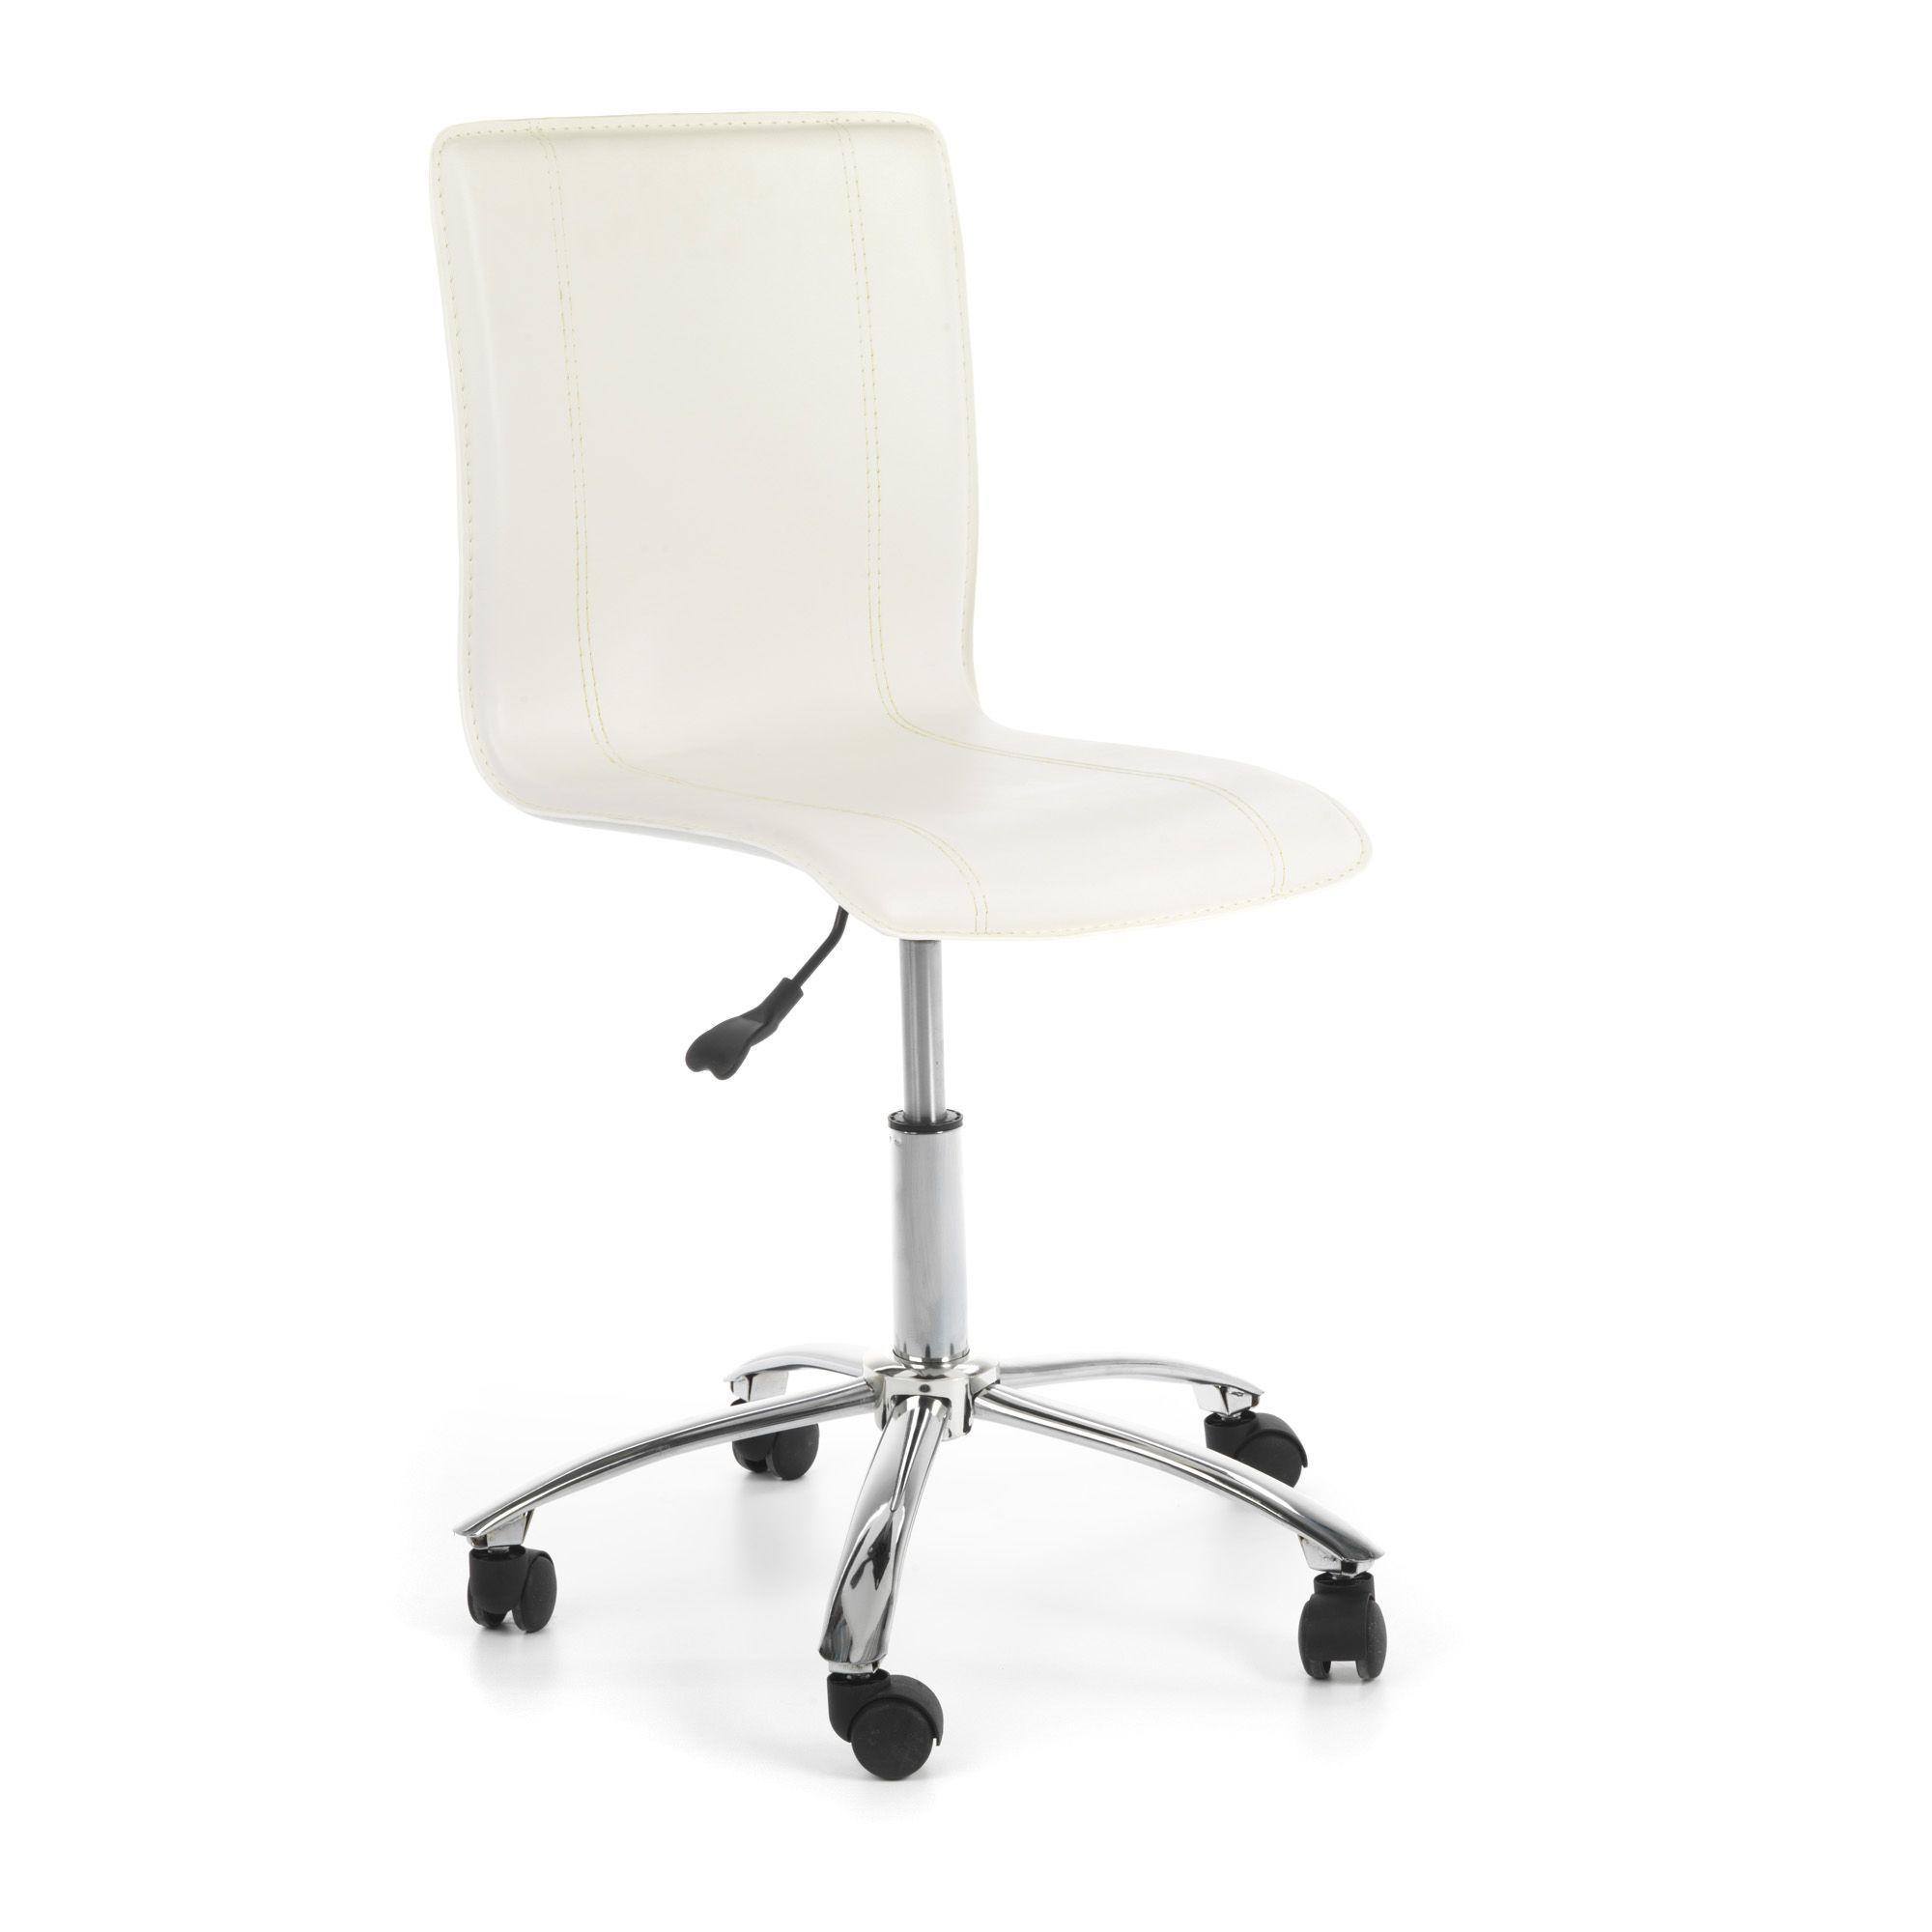 Chaise dactylo Blanc Heka Les fauteuils et chaises à